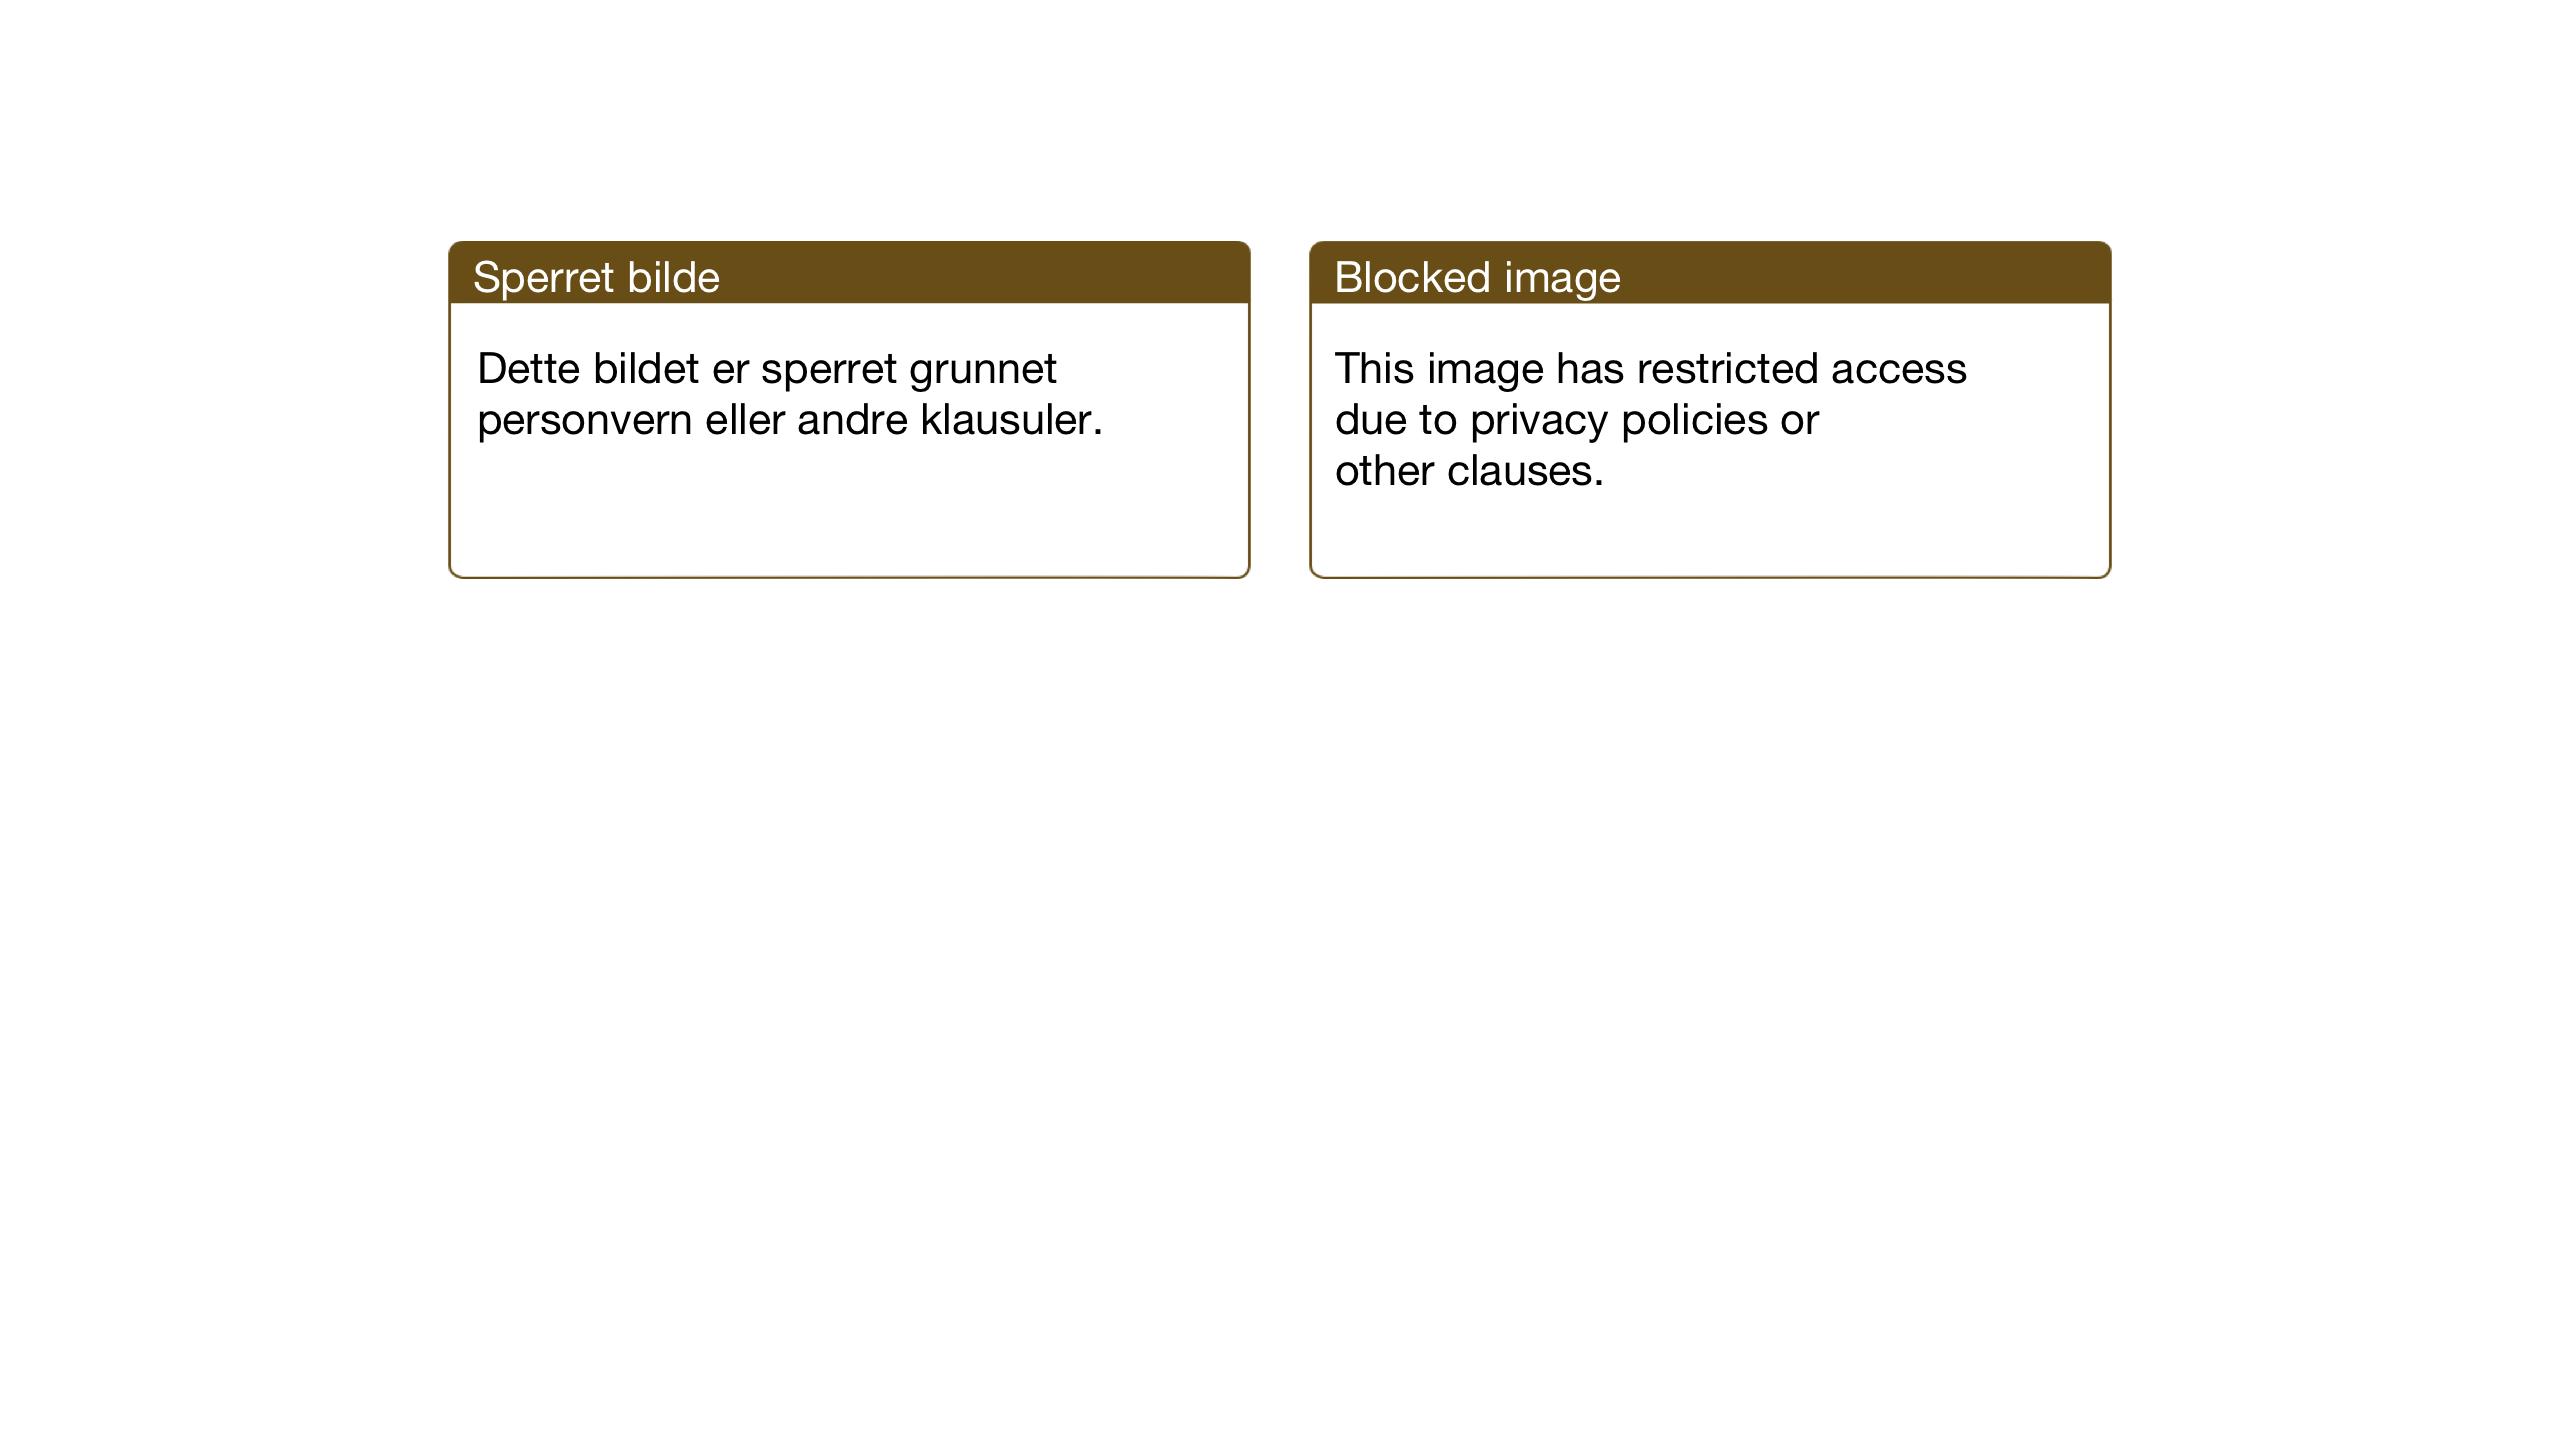 SAT, Ministerialprotokoller, klokkerbøker og fødselsregistre - Nord-Trøndelag, 780/L0654: Klokkerbok nr. 780C06, 1928-1942, s. 30